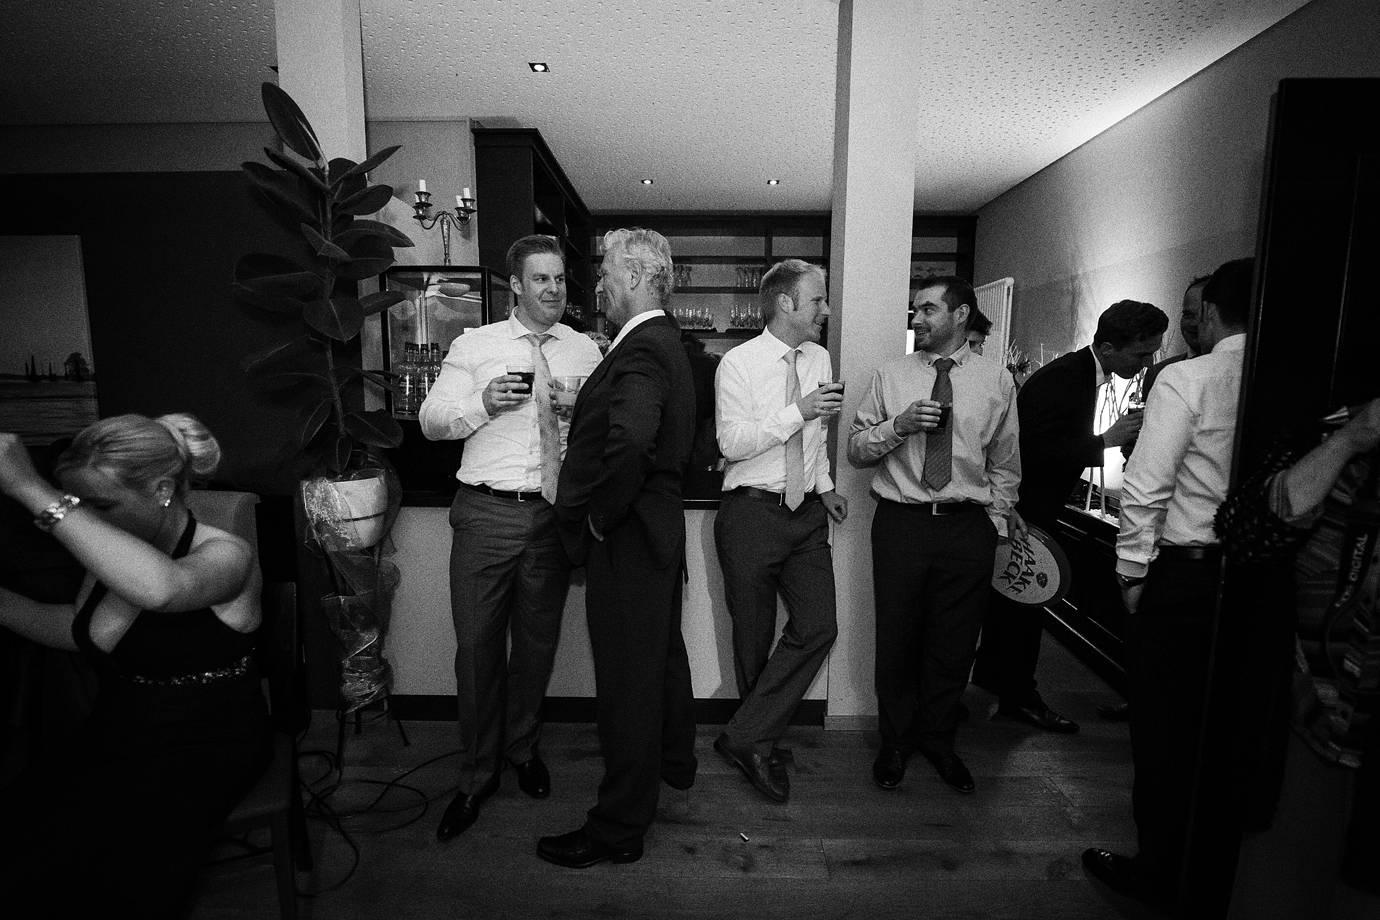 hochzeitsfotograf bremer rathaus 231 - Christine+Rico